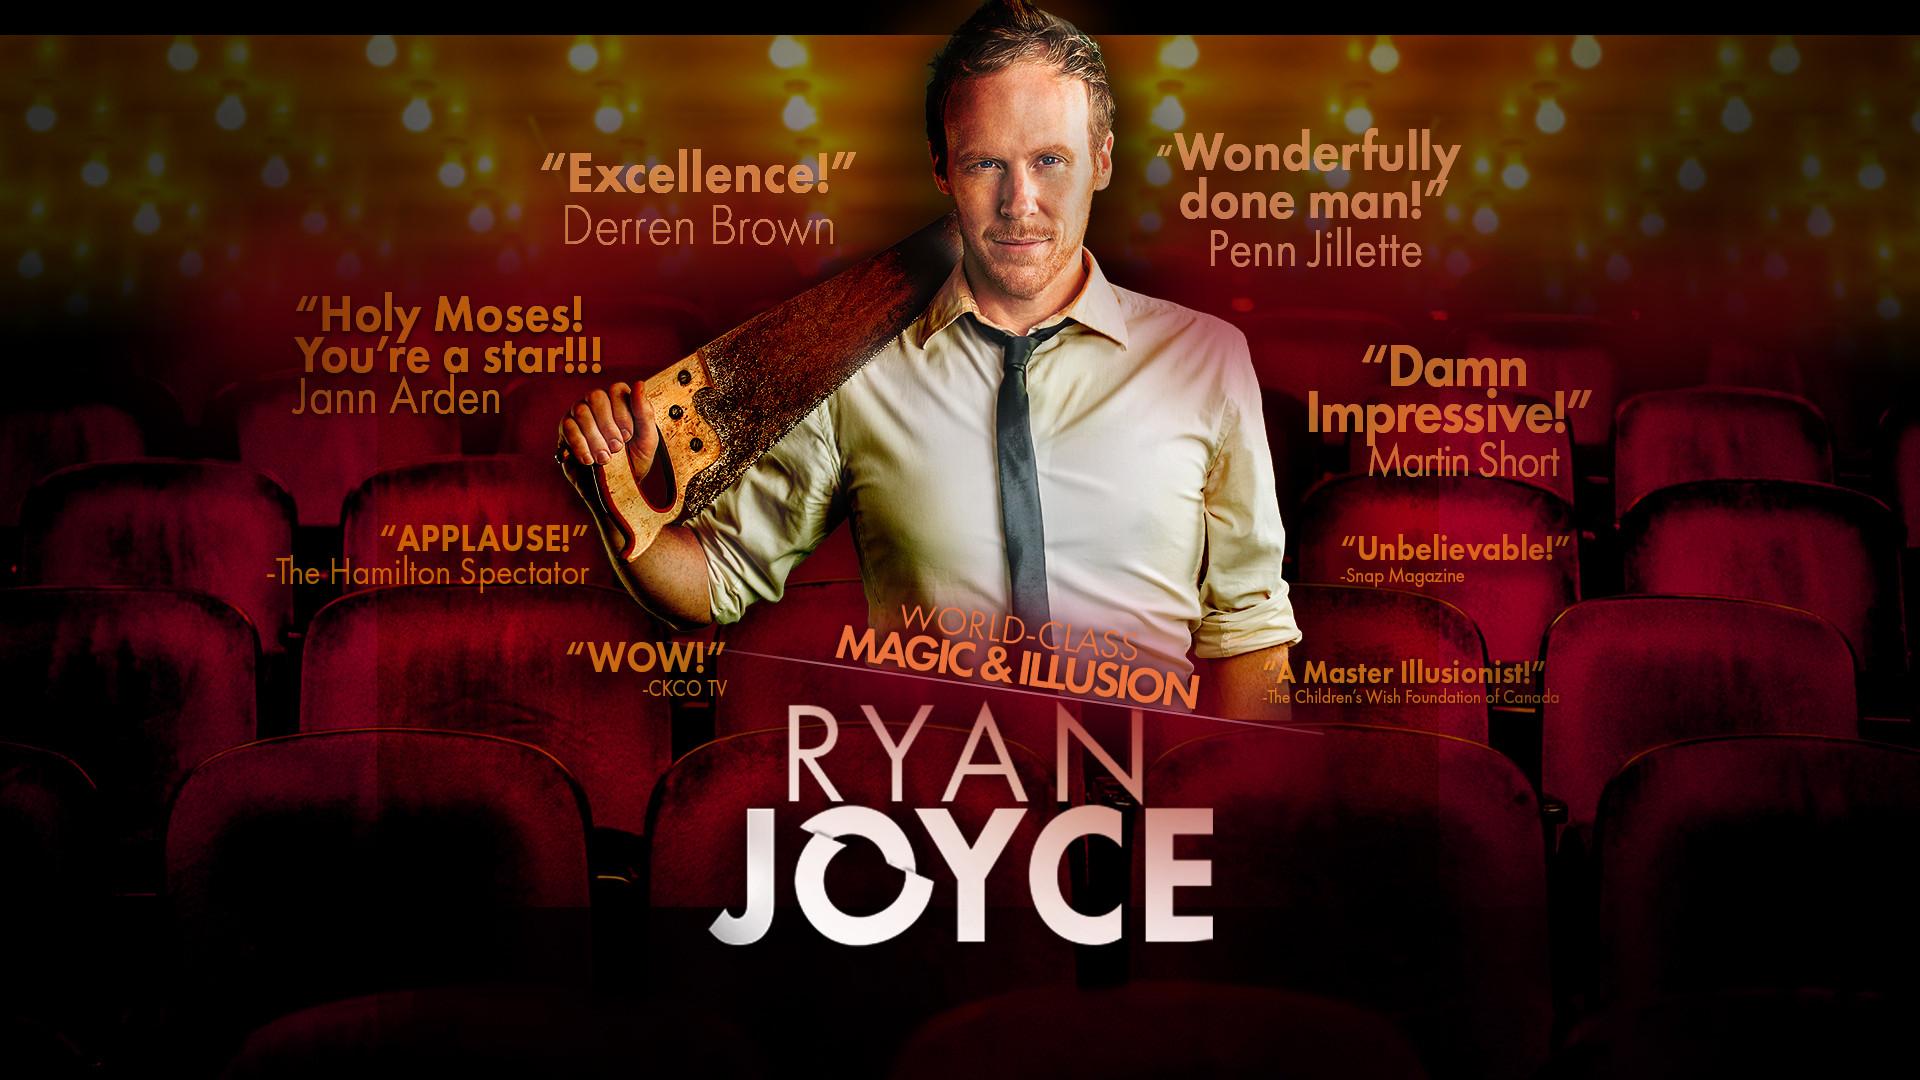 Ryan Joyce Ontario Magician | YouTube Magician & Videos